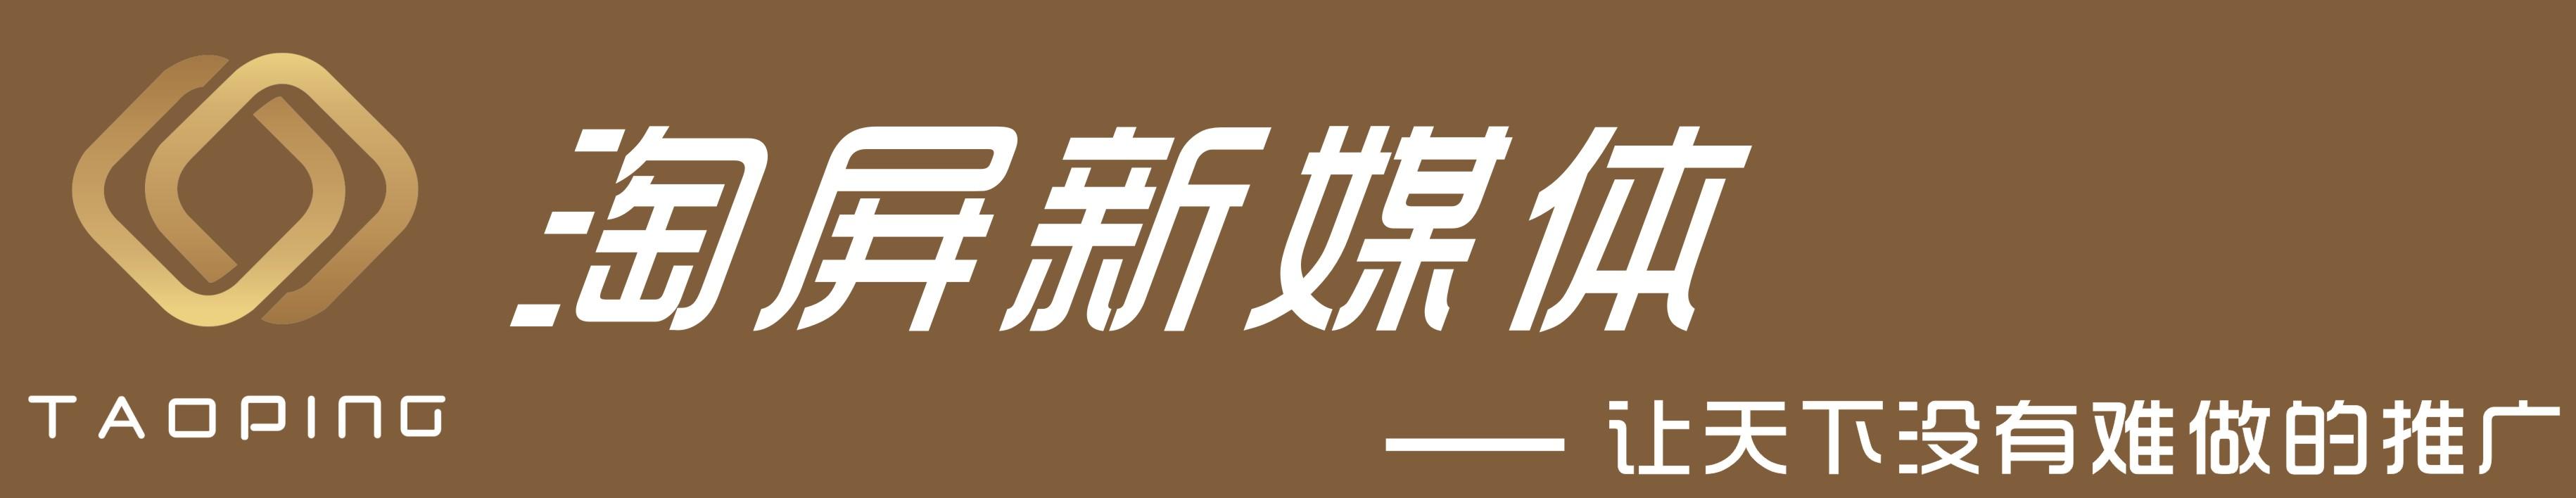 湖北省黄冈淘屏物联网技术有限公司